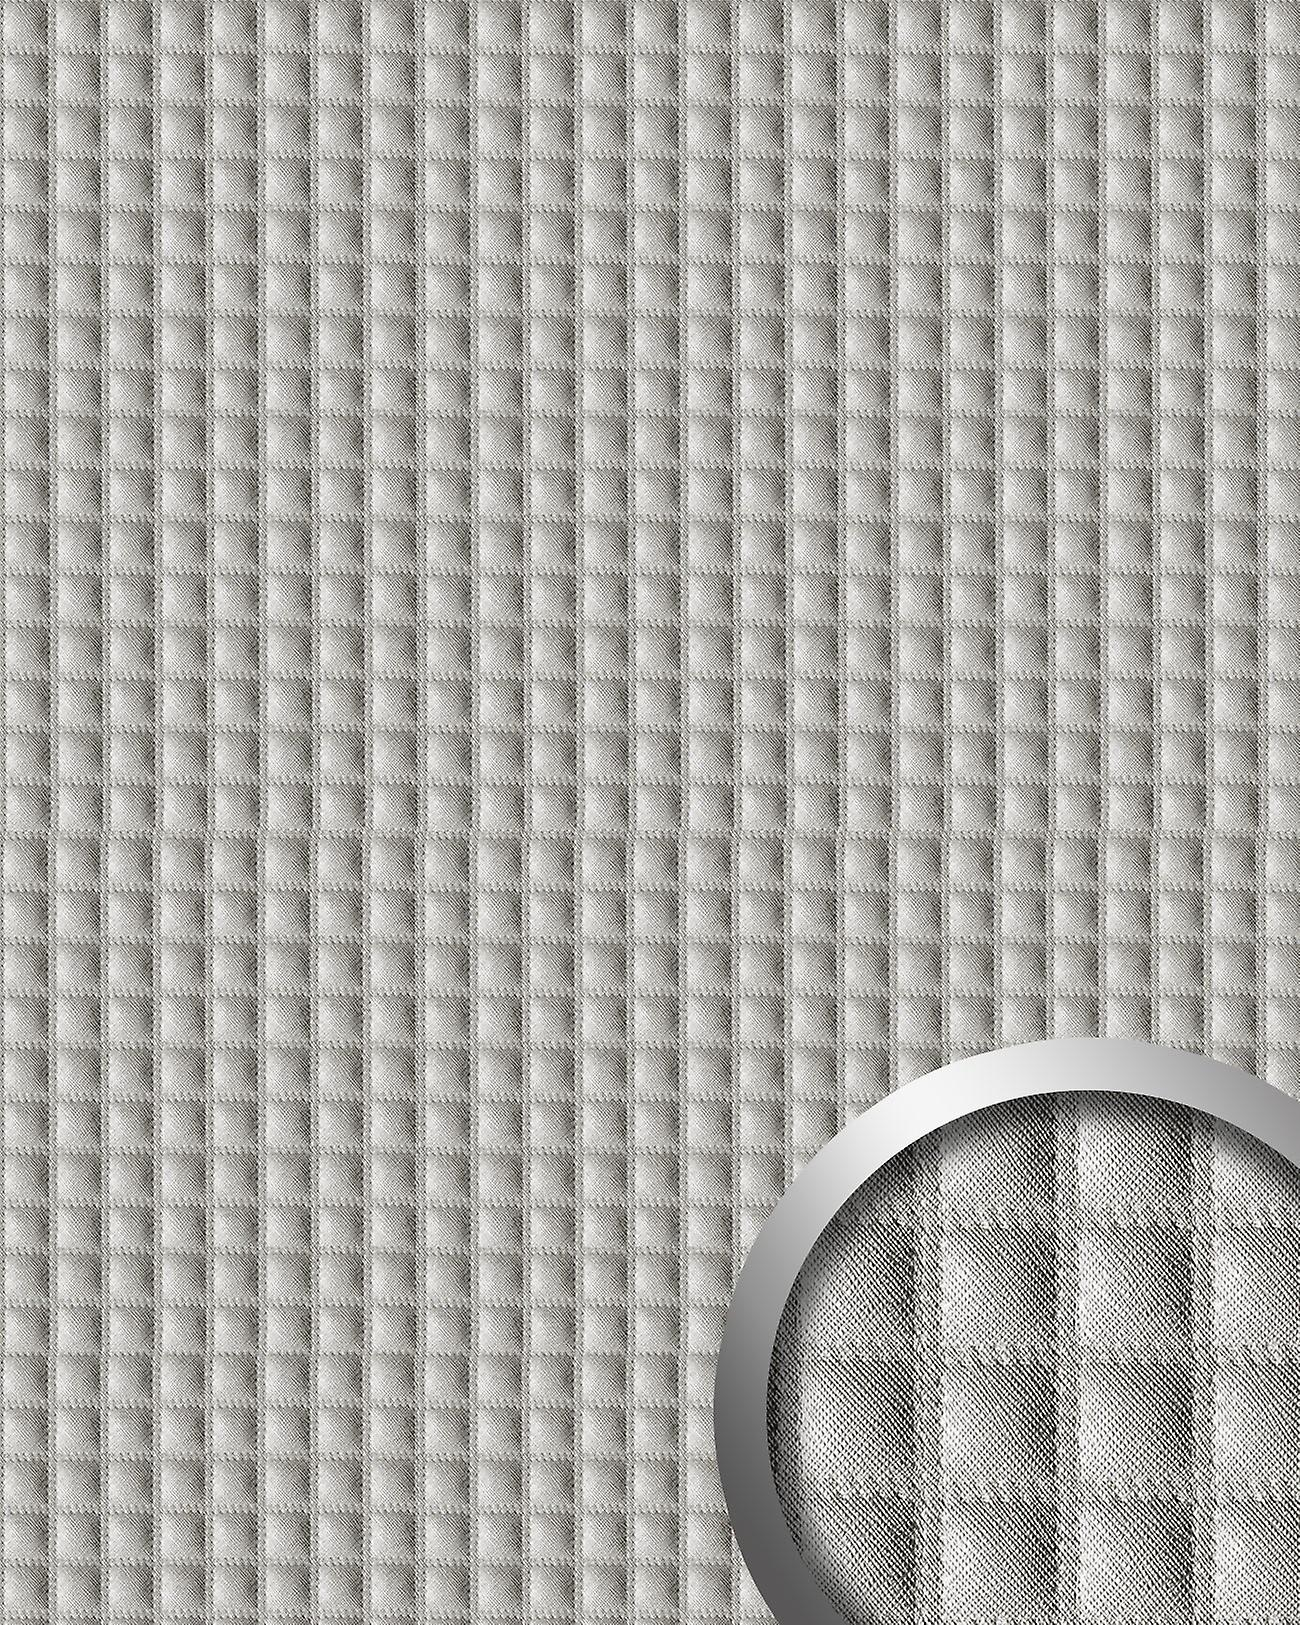 Wall panel WallFace 16422-SA